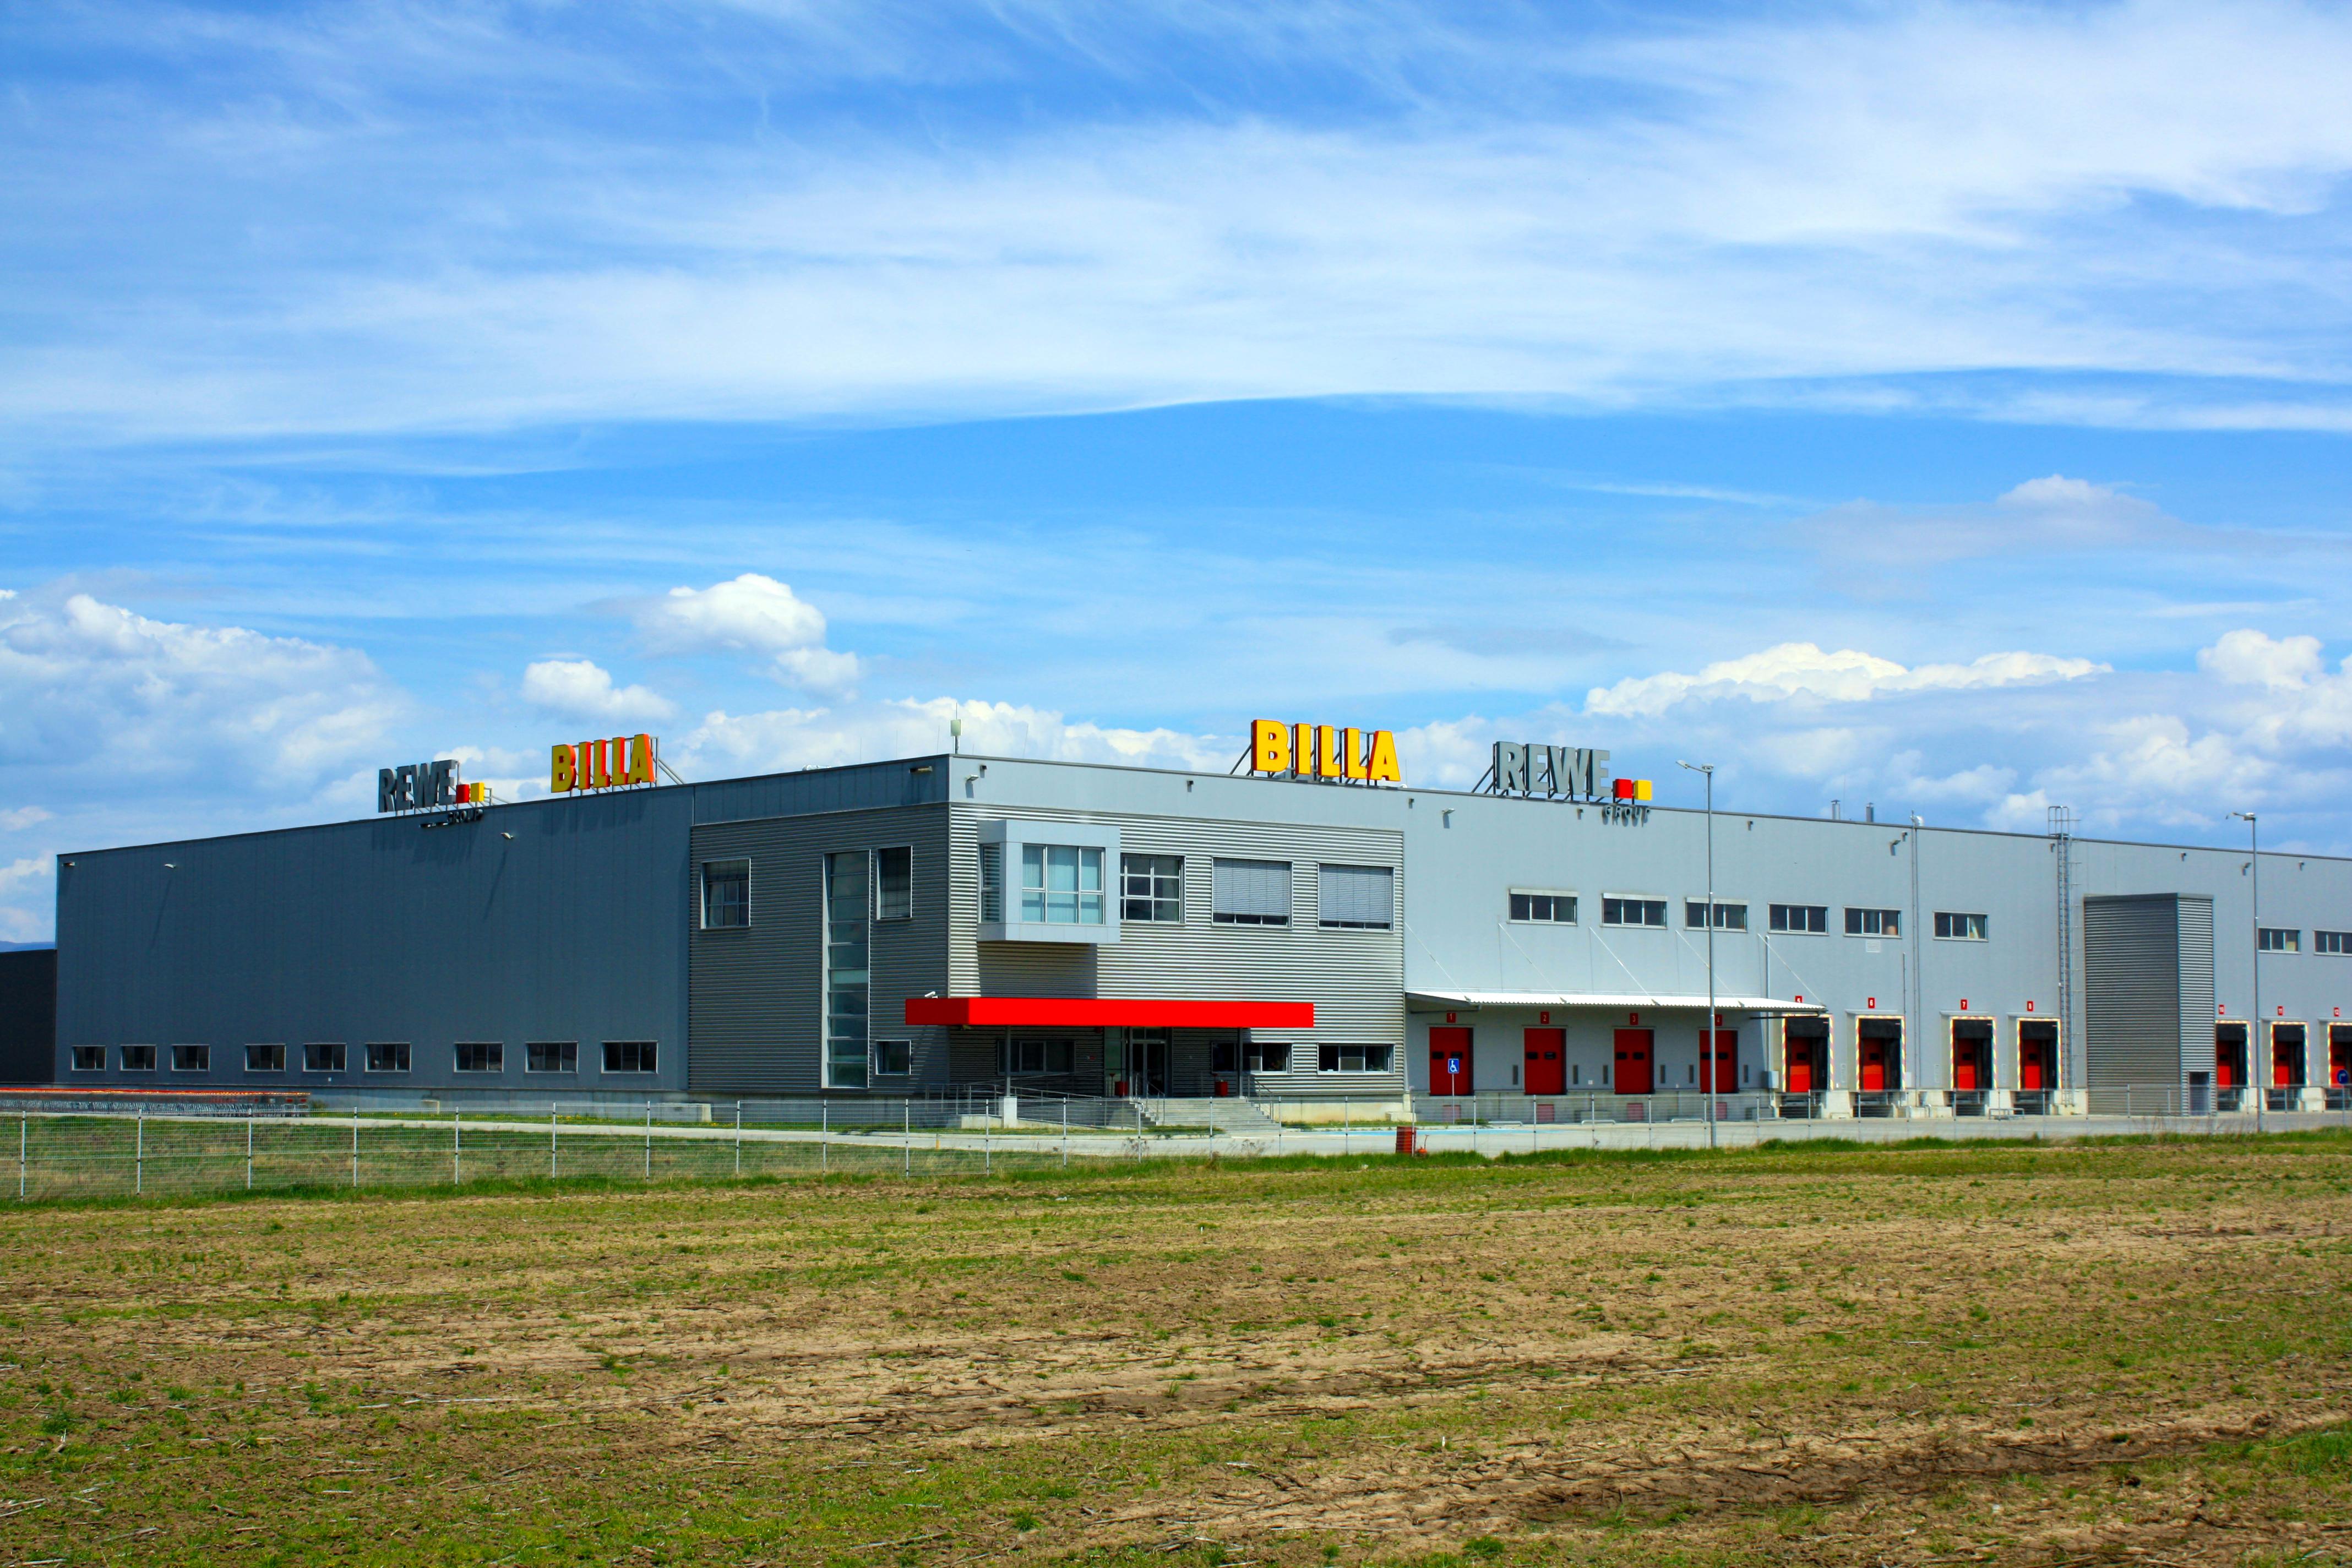 BILLA търси 50 дка за логистична база край Стара Загора, Lidl планира трети магазин